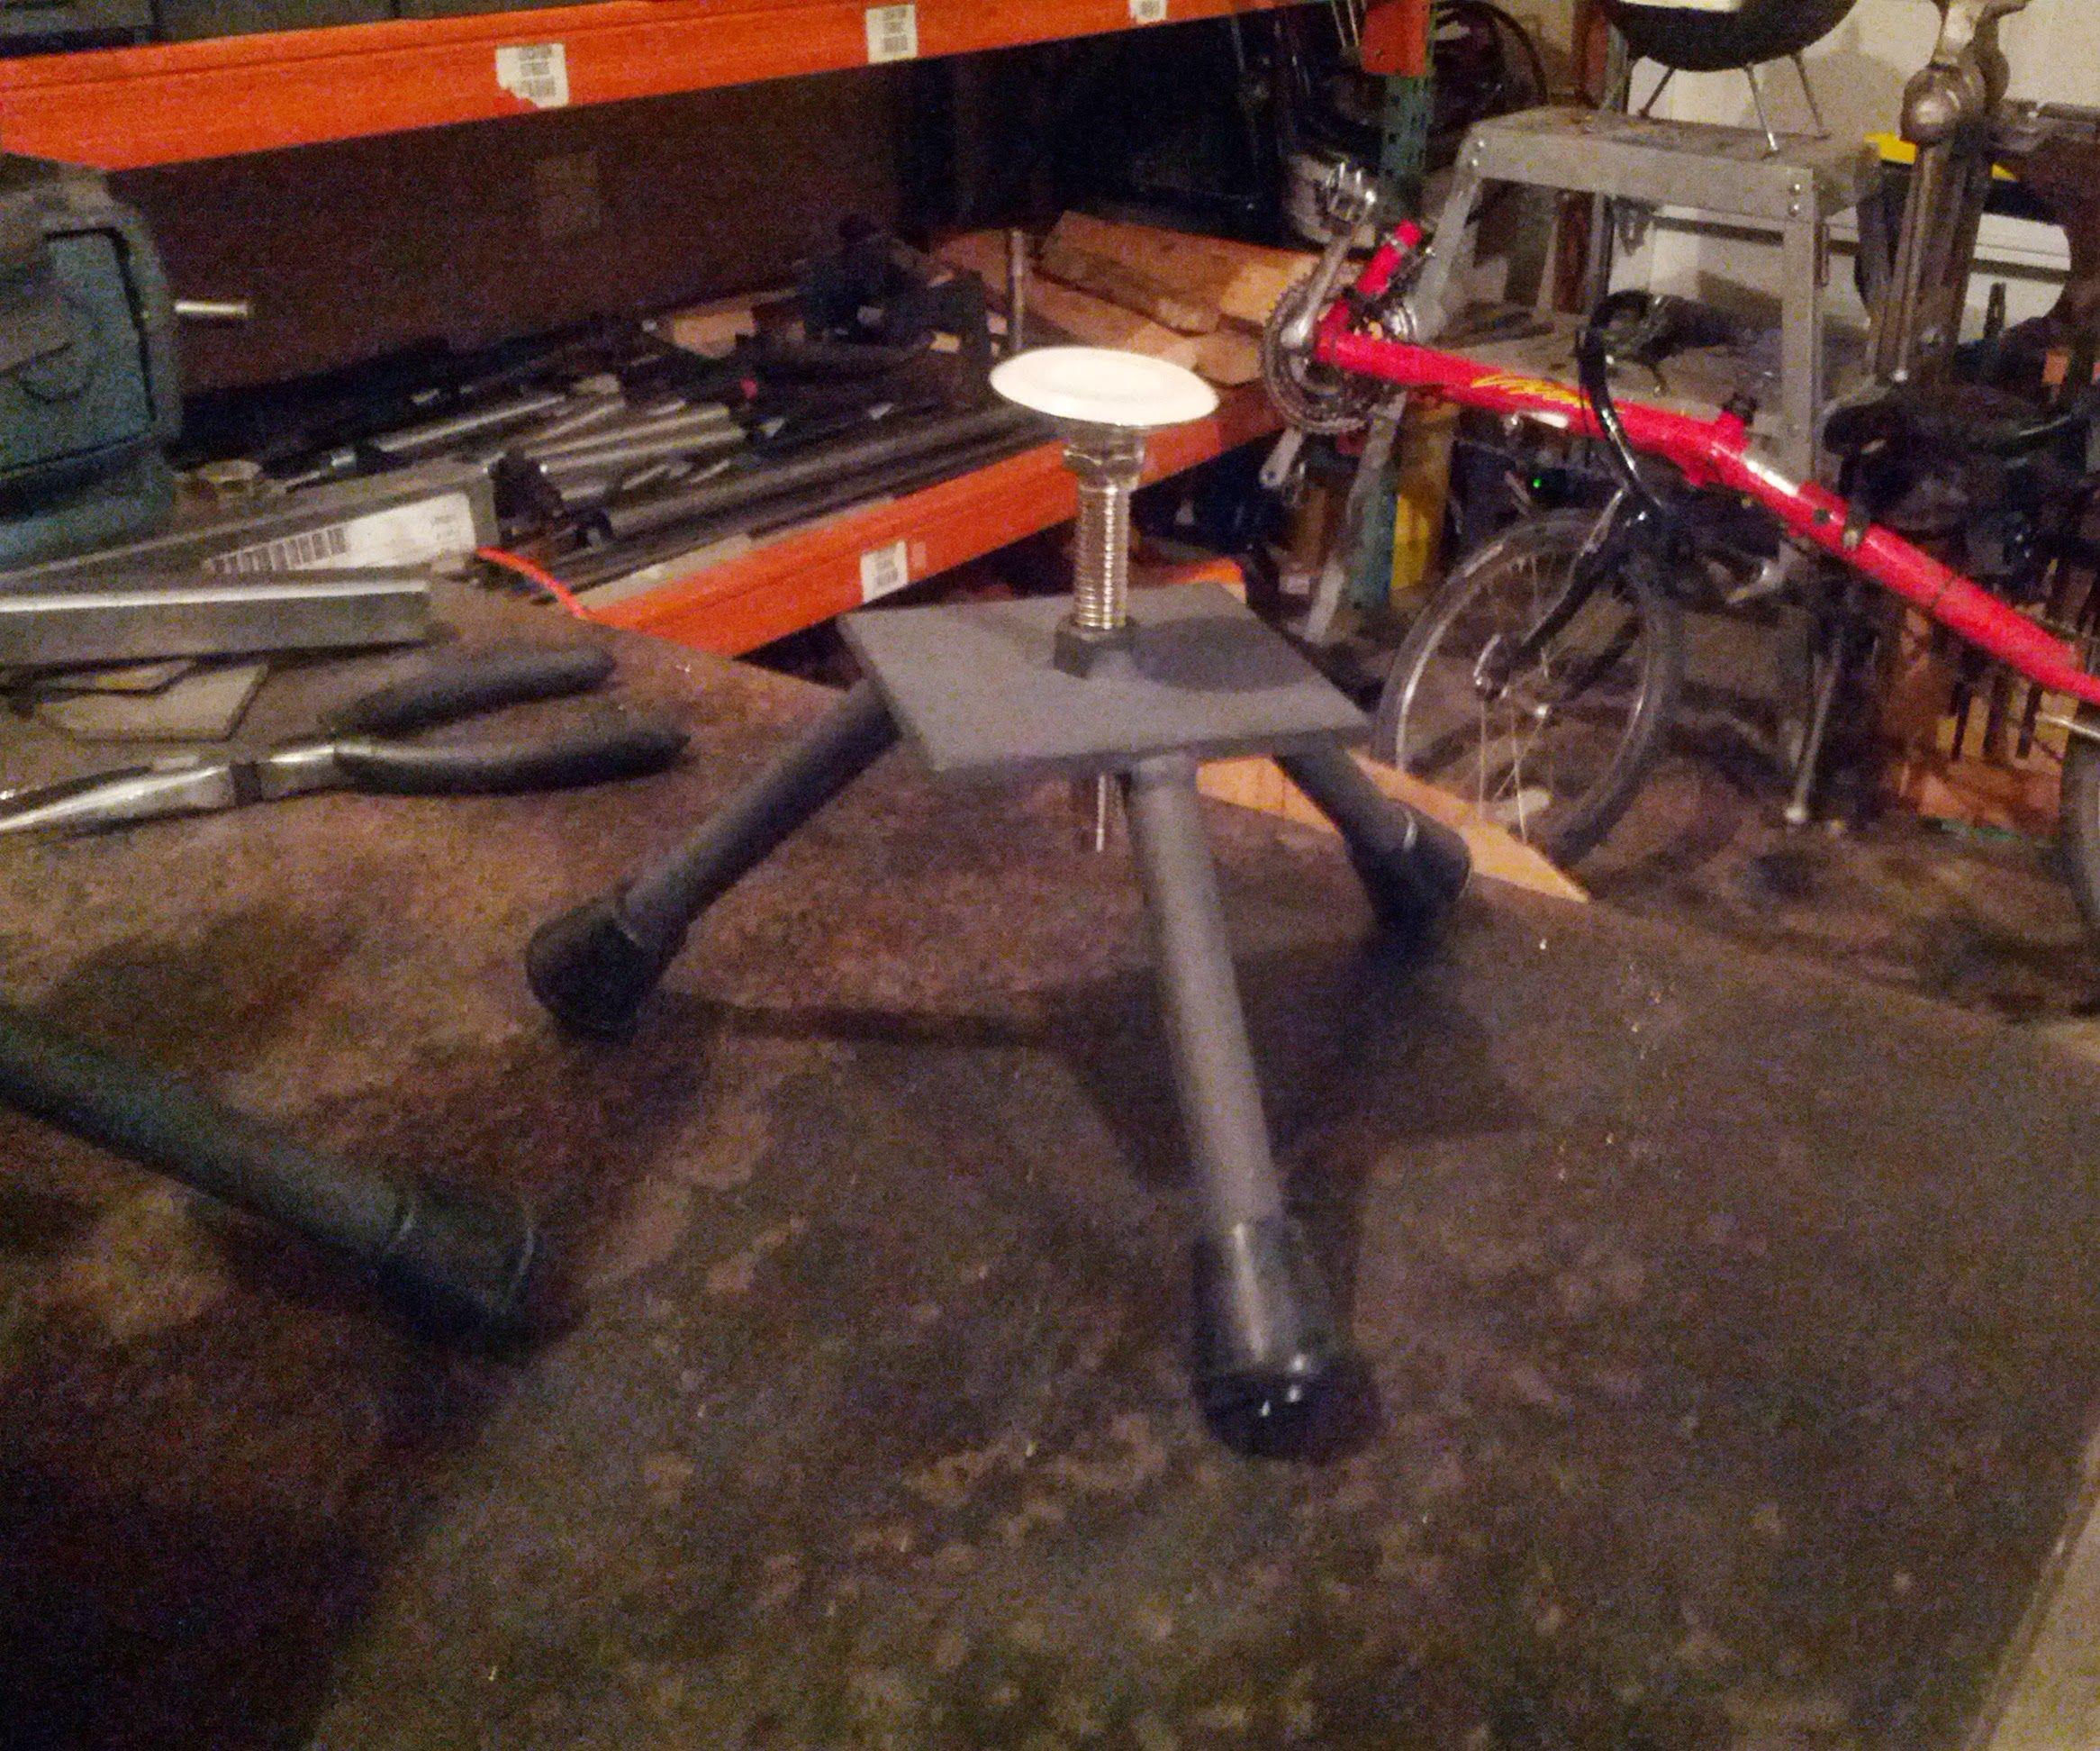 Adjustable height welding stands